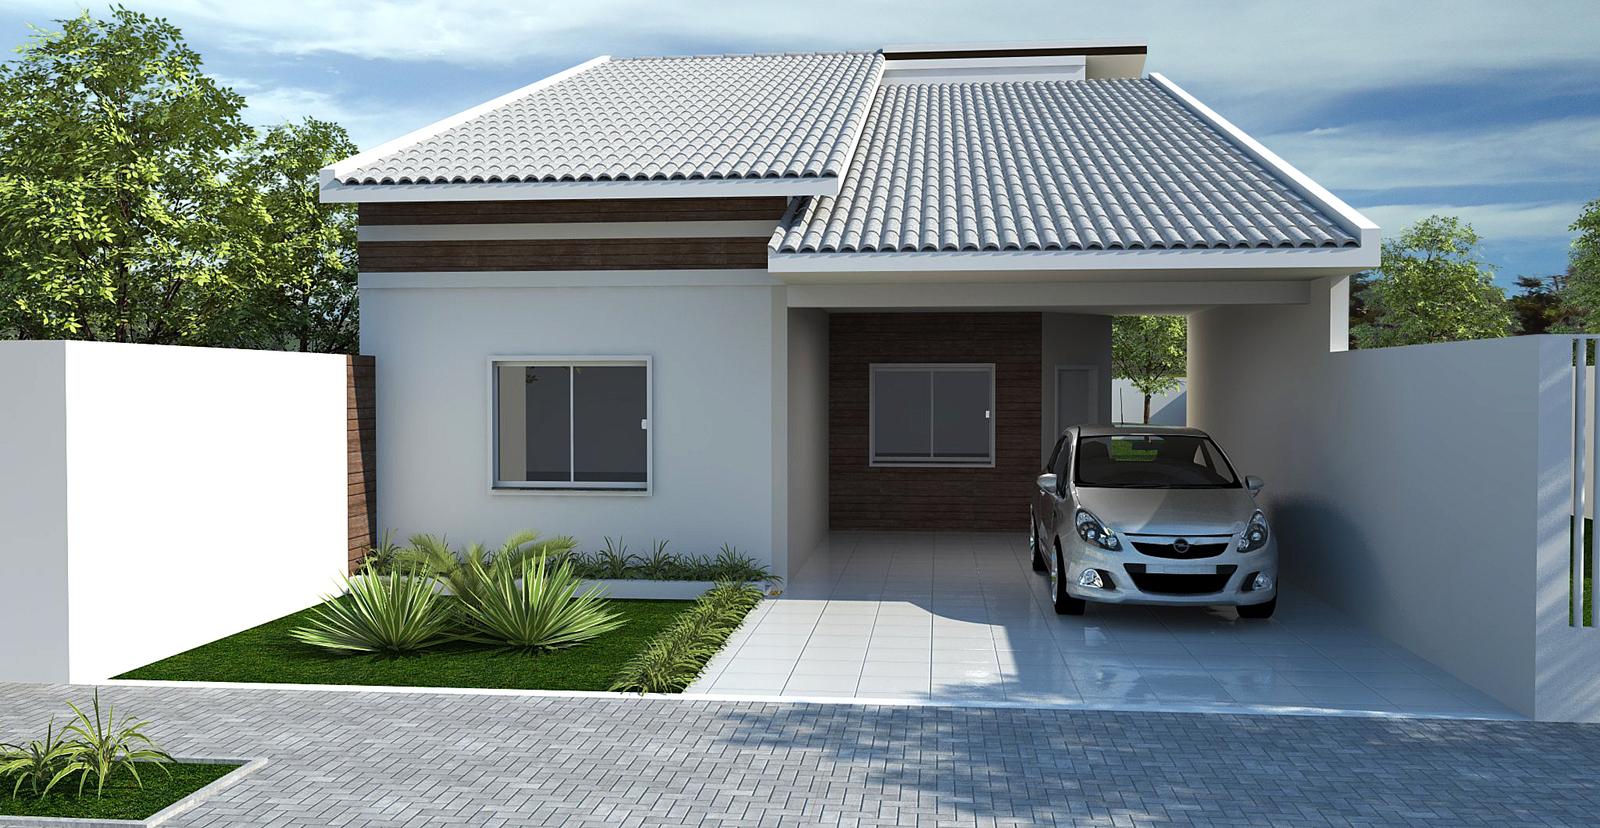 Fachadas de casas e muros veja modelos e dicas for Modelos de fachadas